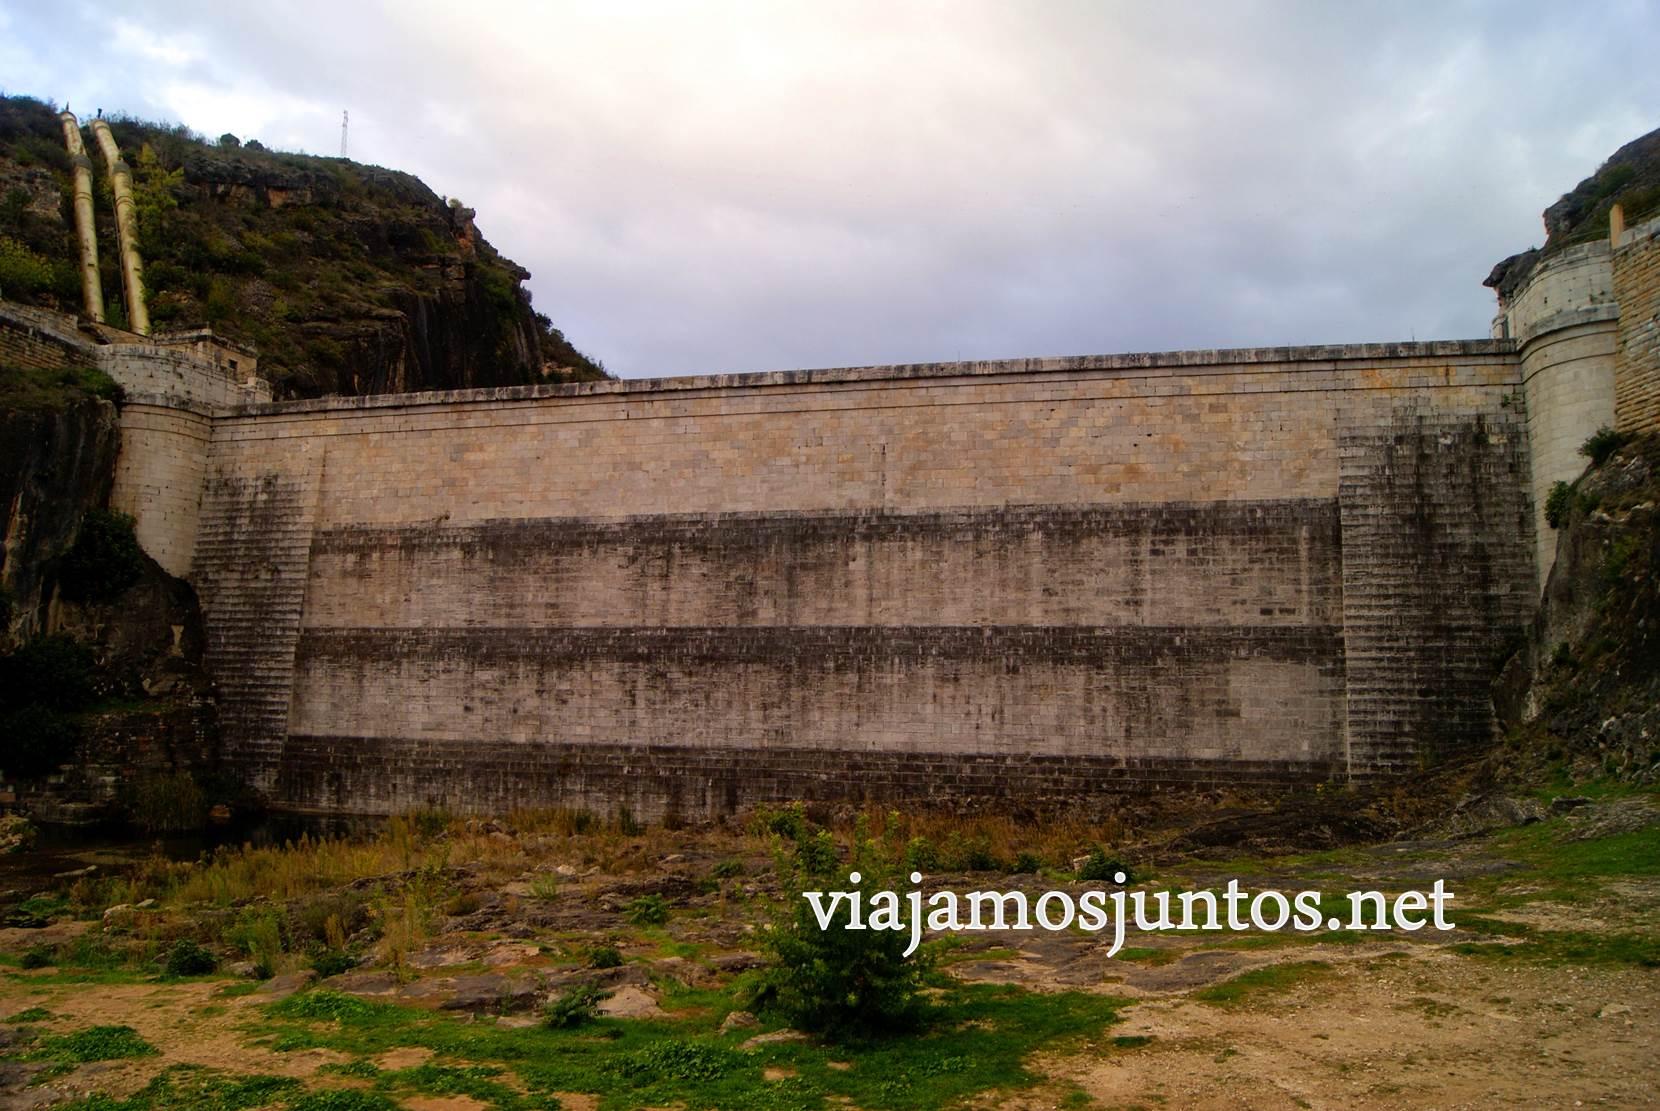 Ruta a las Cárcavas, Patones, Madrid; senderismo por sitios singulares de la Comunidad de Madrid; la presa del Pontón de la Oliva